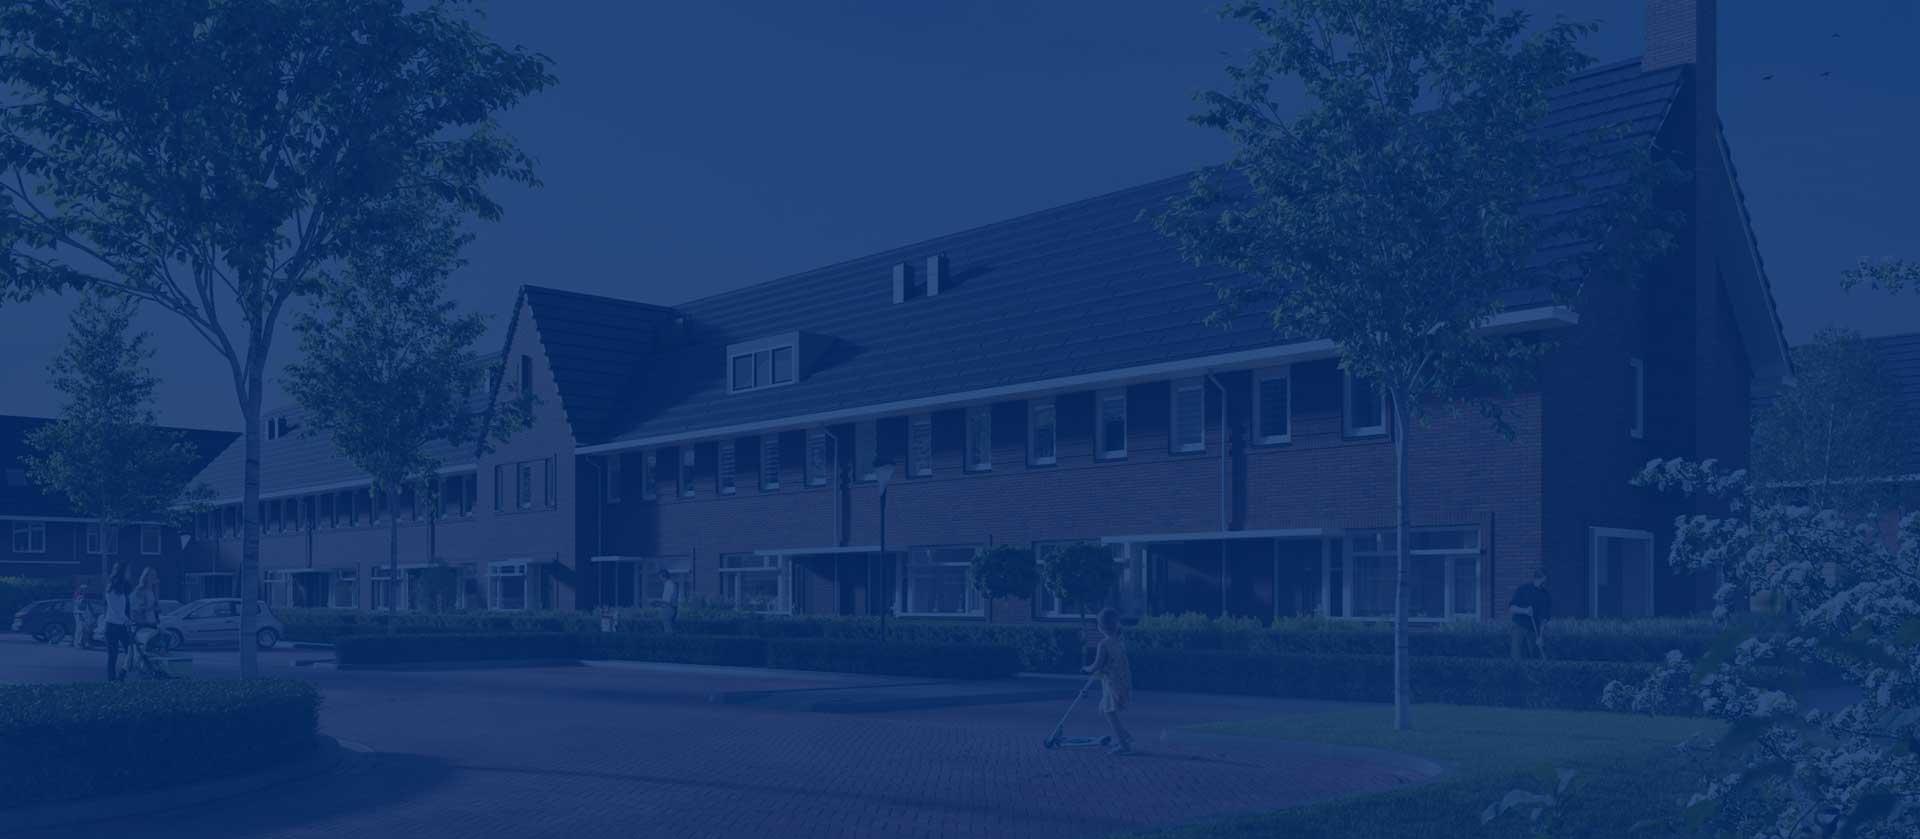 Welkom op de website van Wijkcommissie Tuinwijk